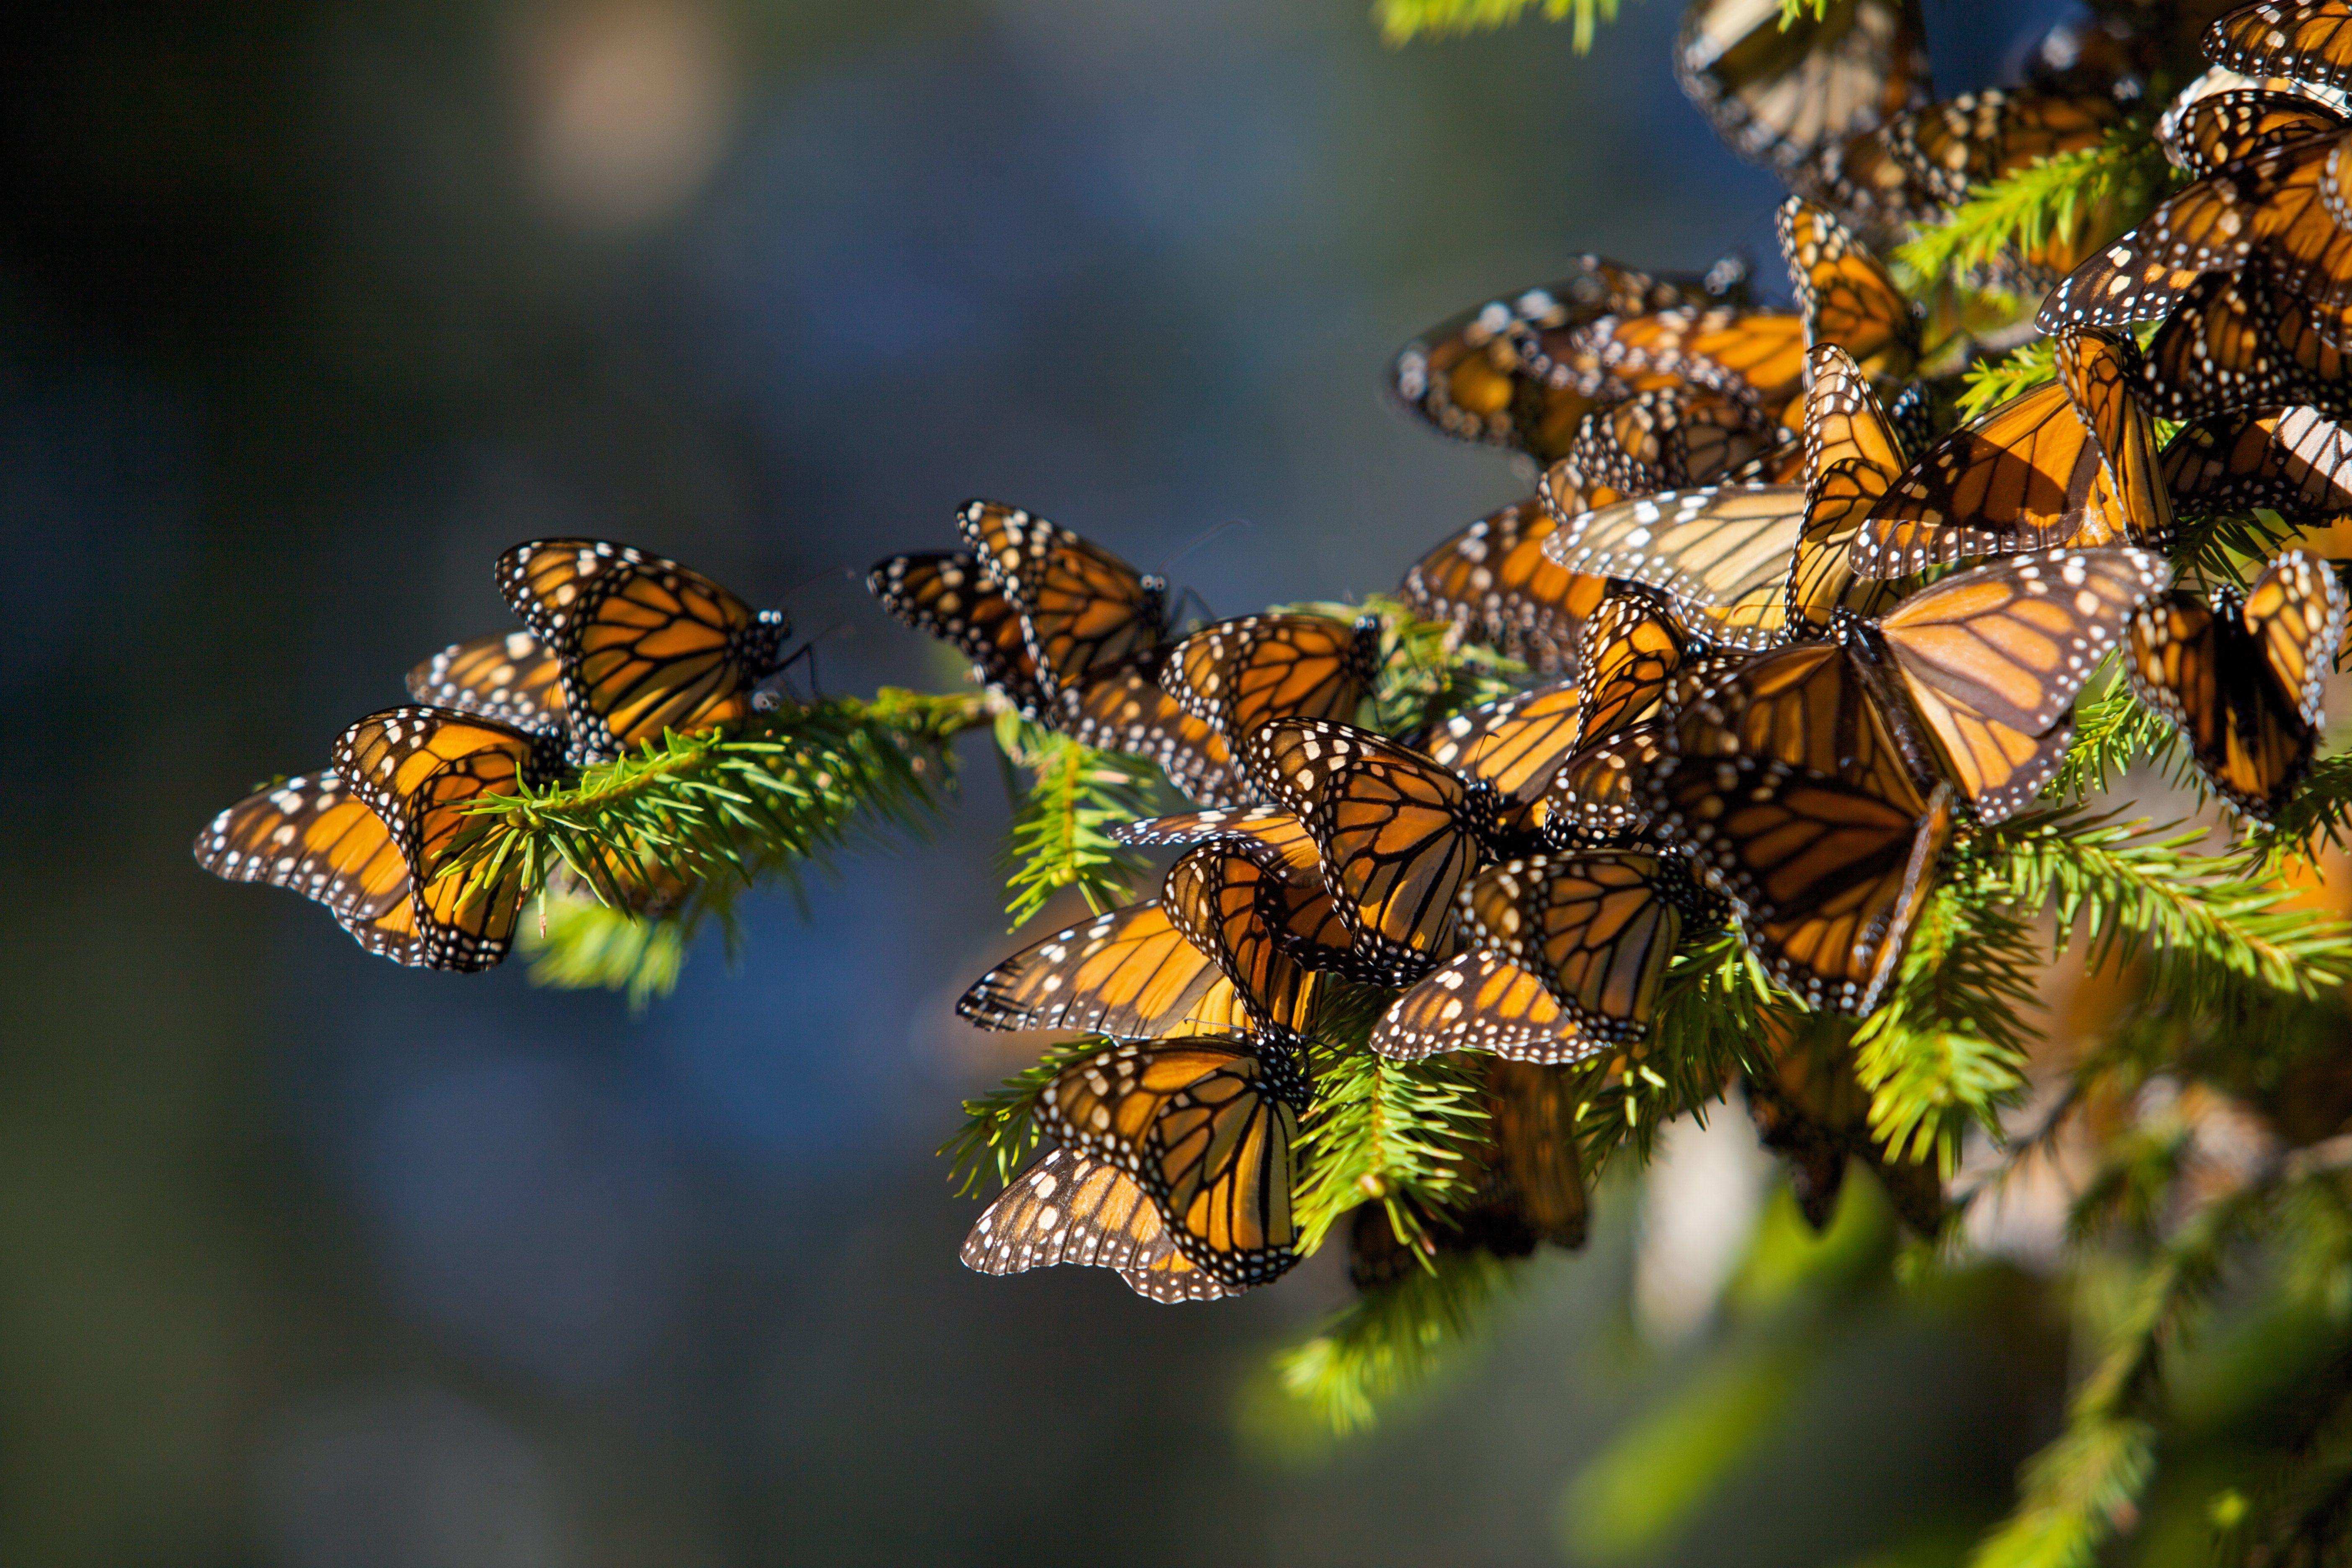 Mariposas monarca en una rama